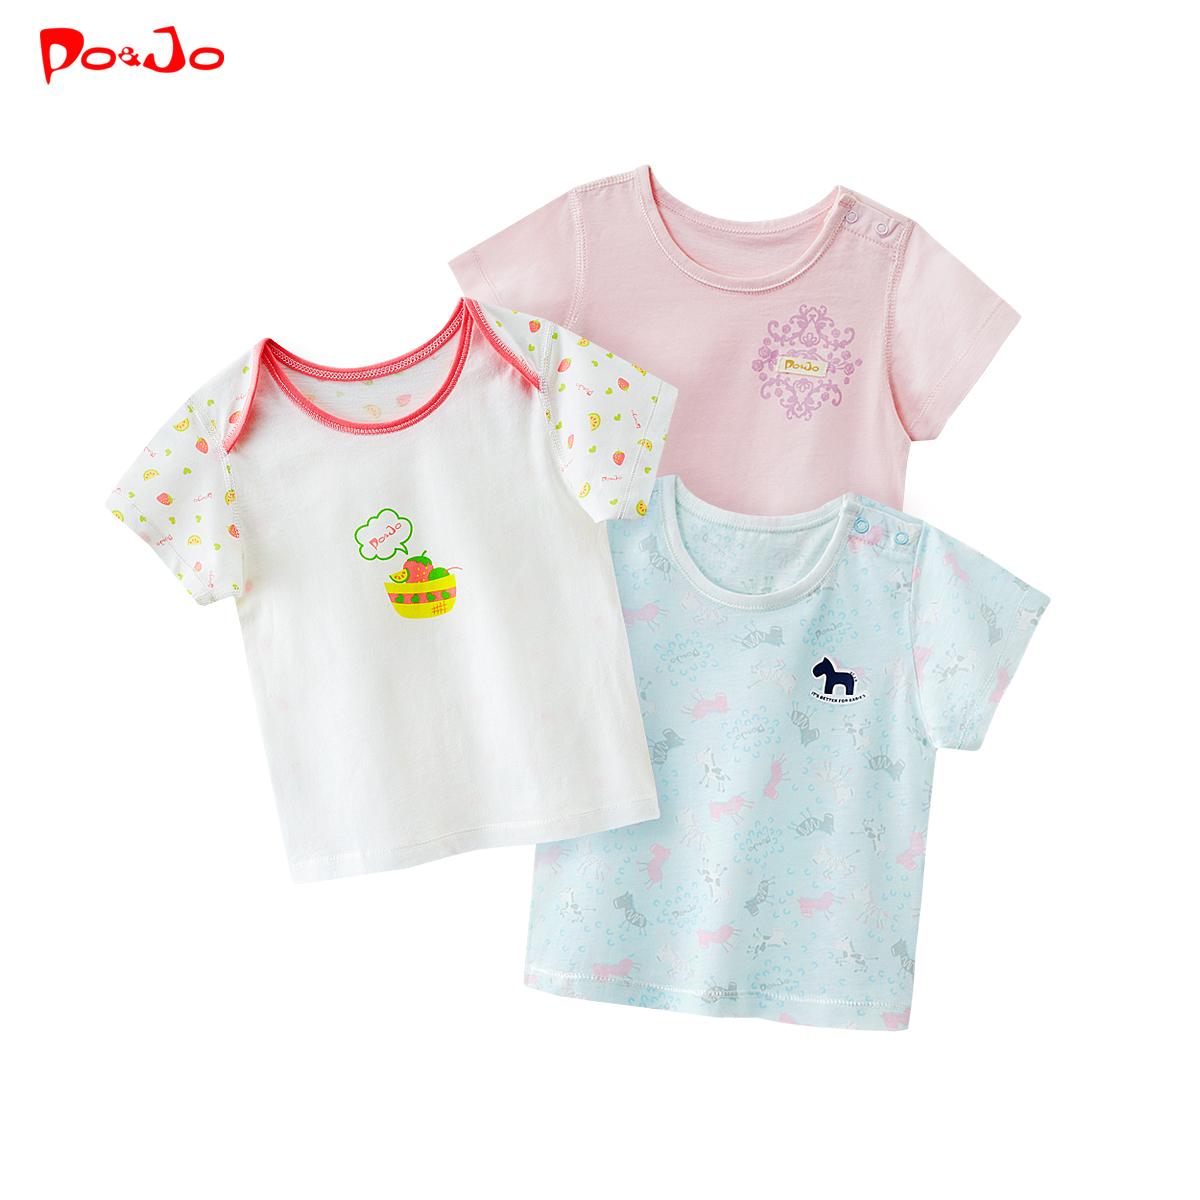 皮诺乔夏装宝宝短袖t恤婴儿体恤儿童男童女童上衣纯棉打底衫夏季